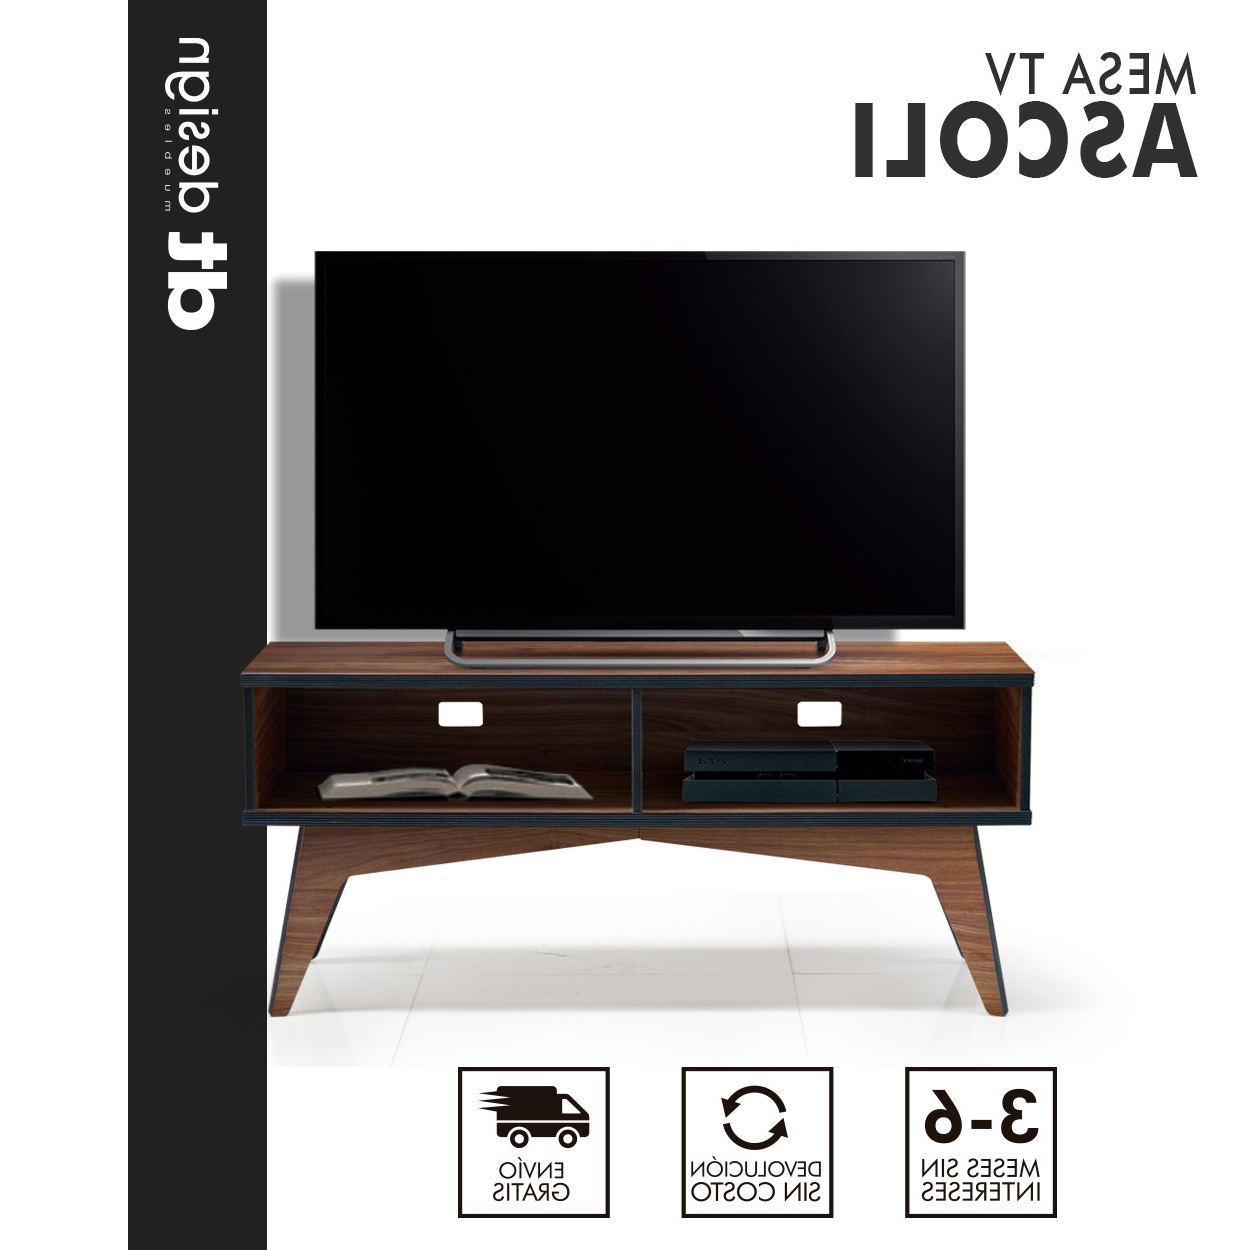 Mesas De Tv Jxdu Mesas De Tv Dt Design Tienda De Muebles En MÃ Xico Hasta 40 De